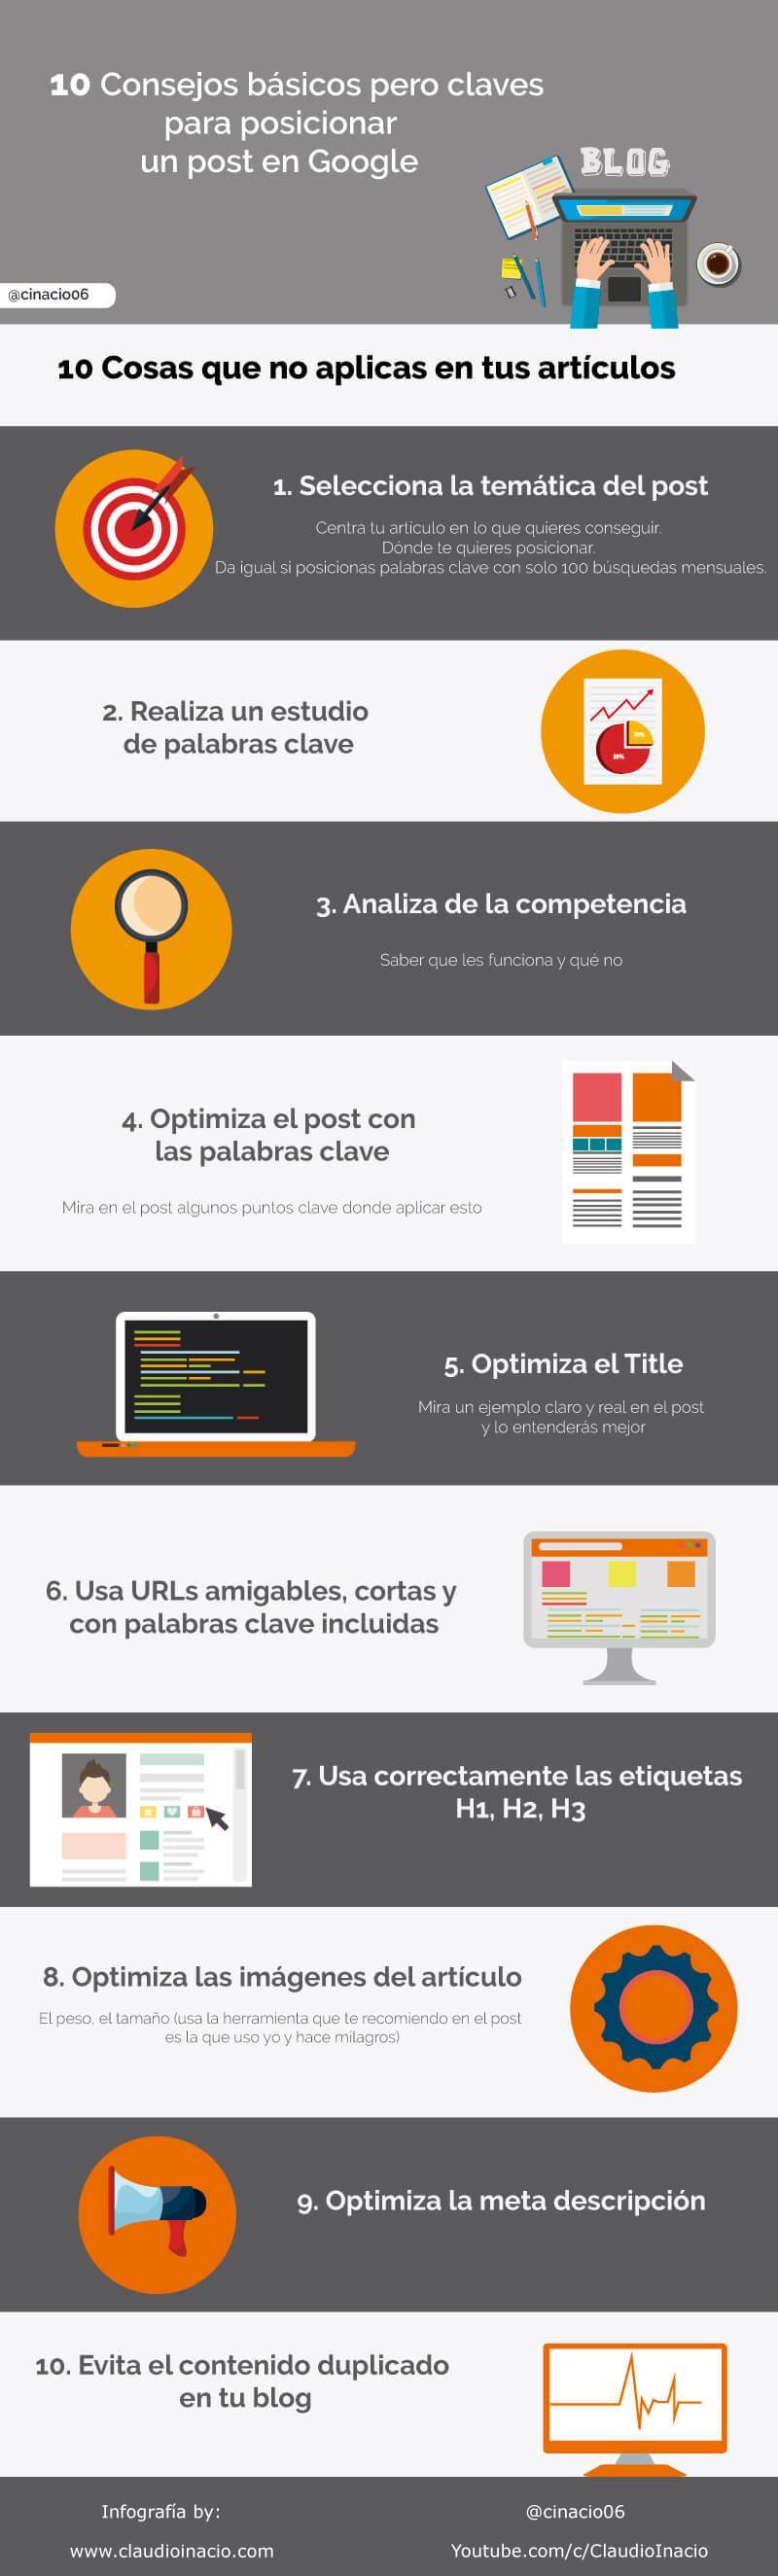 infografia con consejos para posicionar en Google el artículo de tu blog